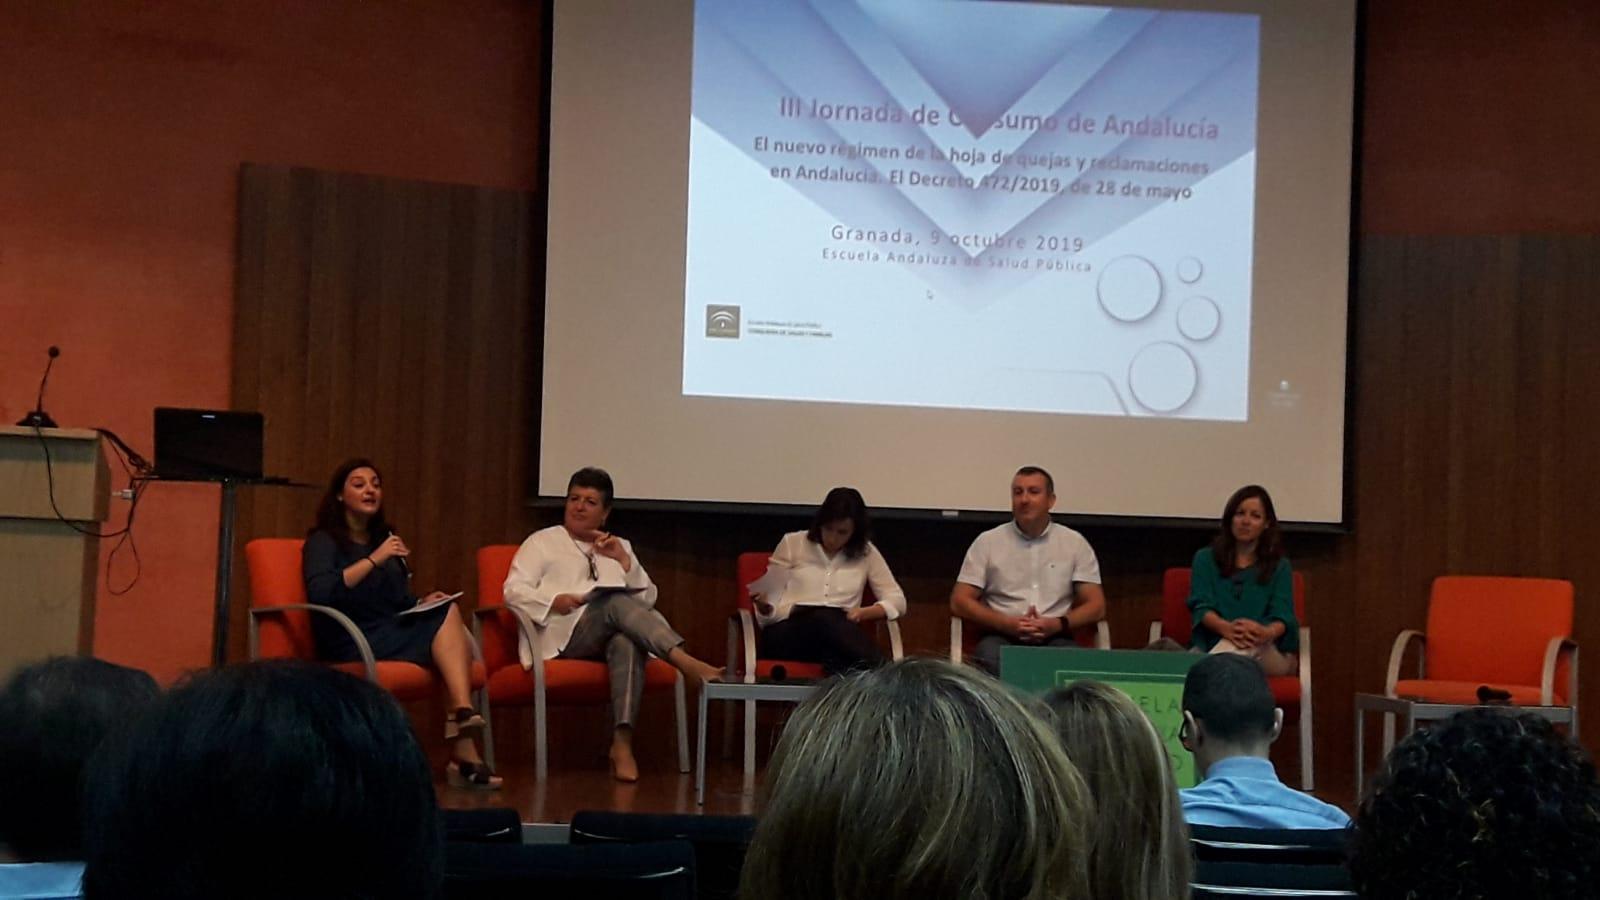 III Jornadas de Consumo de Andalucía sobre el nuevo régimen de las hoja de quejas y reclamaciones en Andalucía